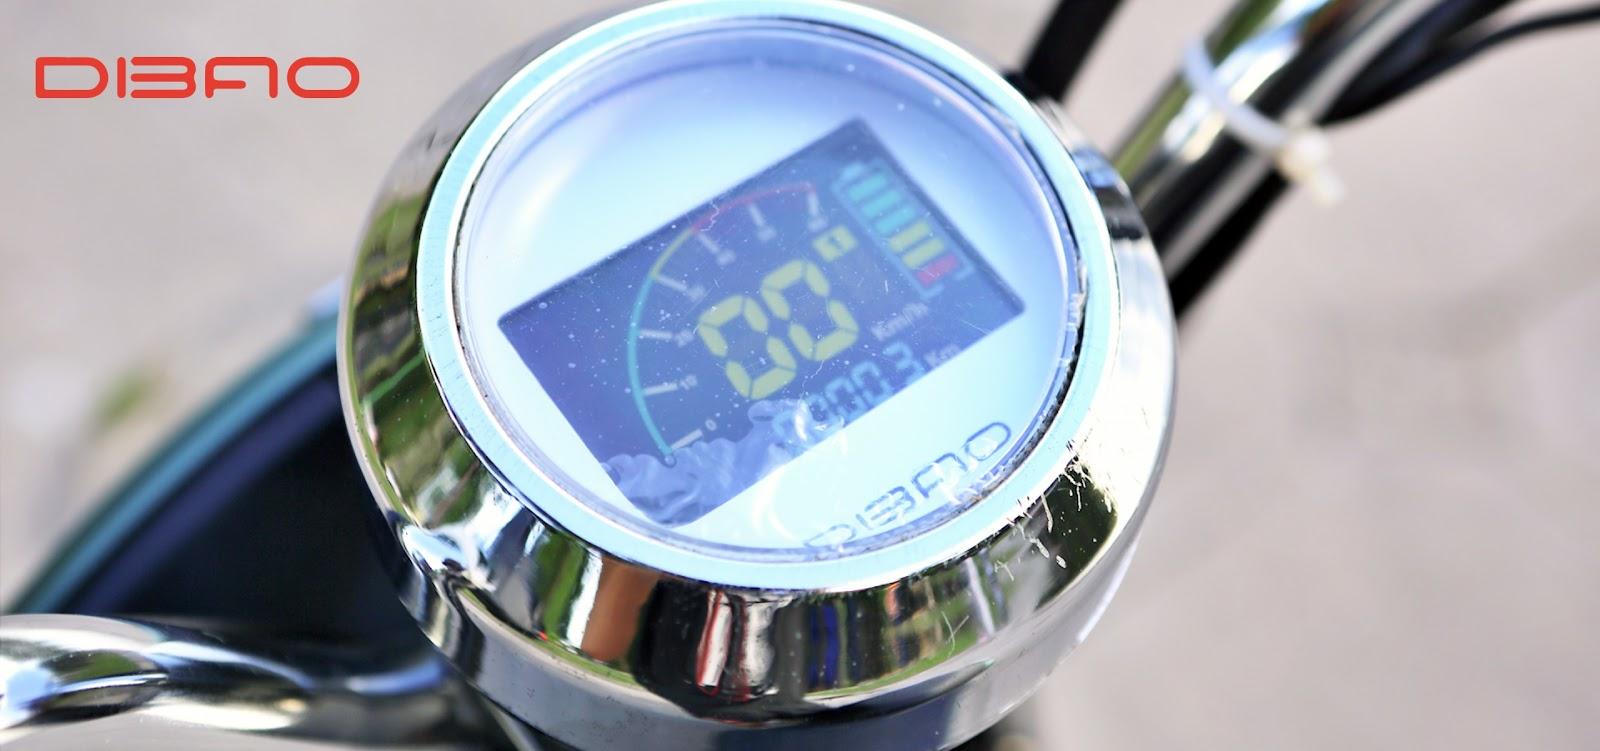 Dibao Nami có cụm đồng hồ kiểu mới